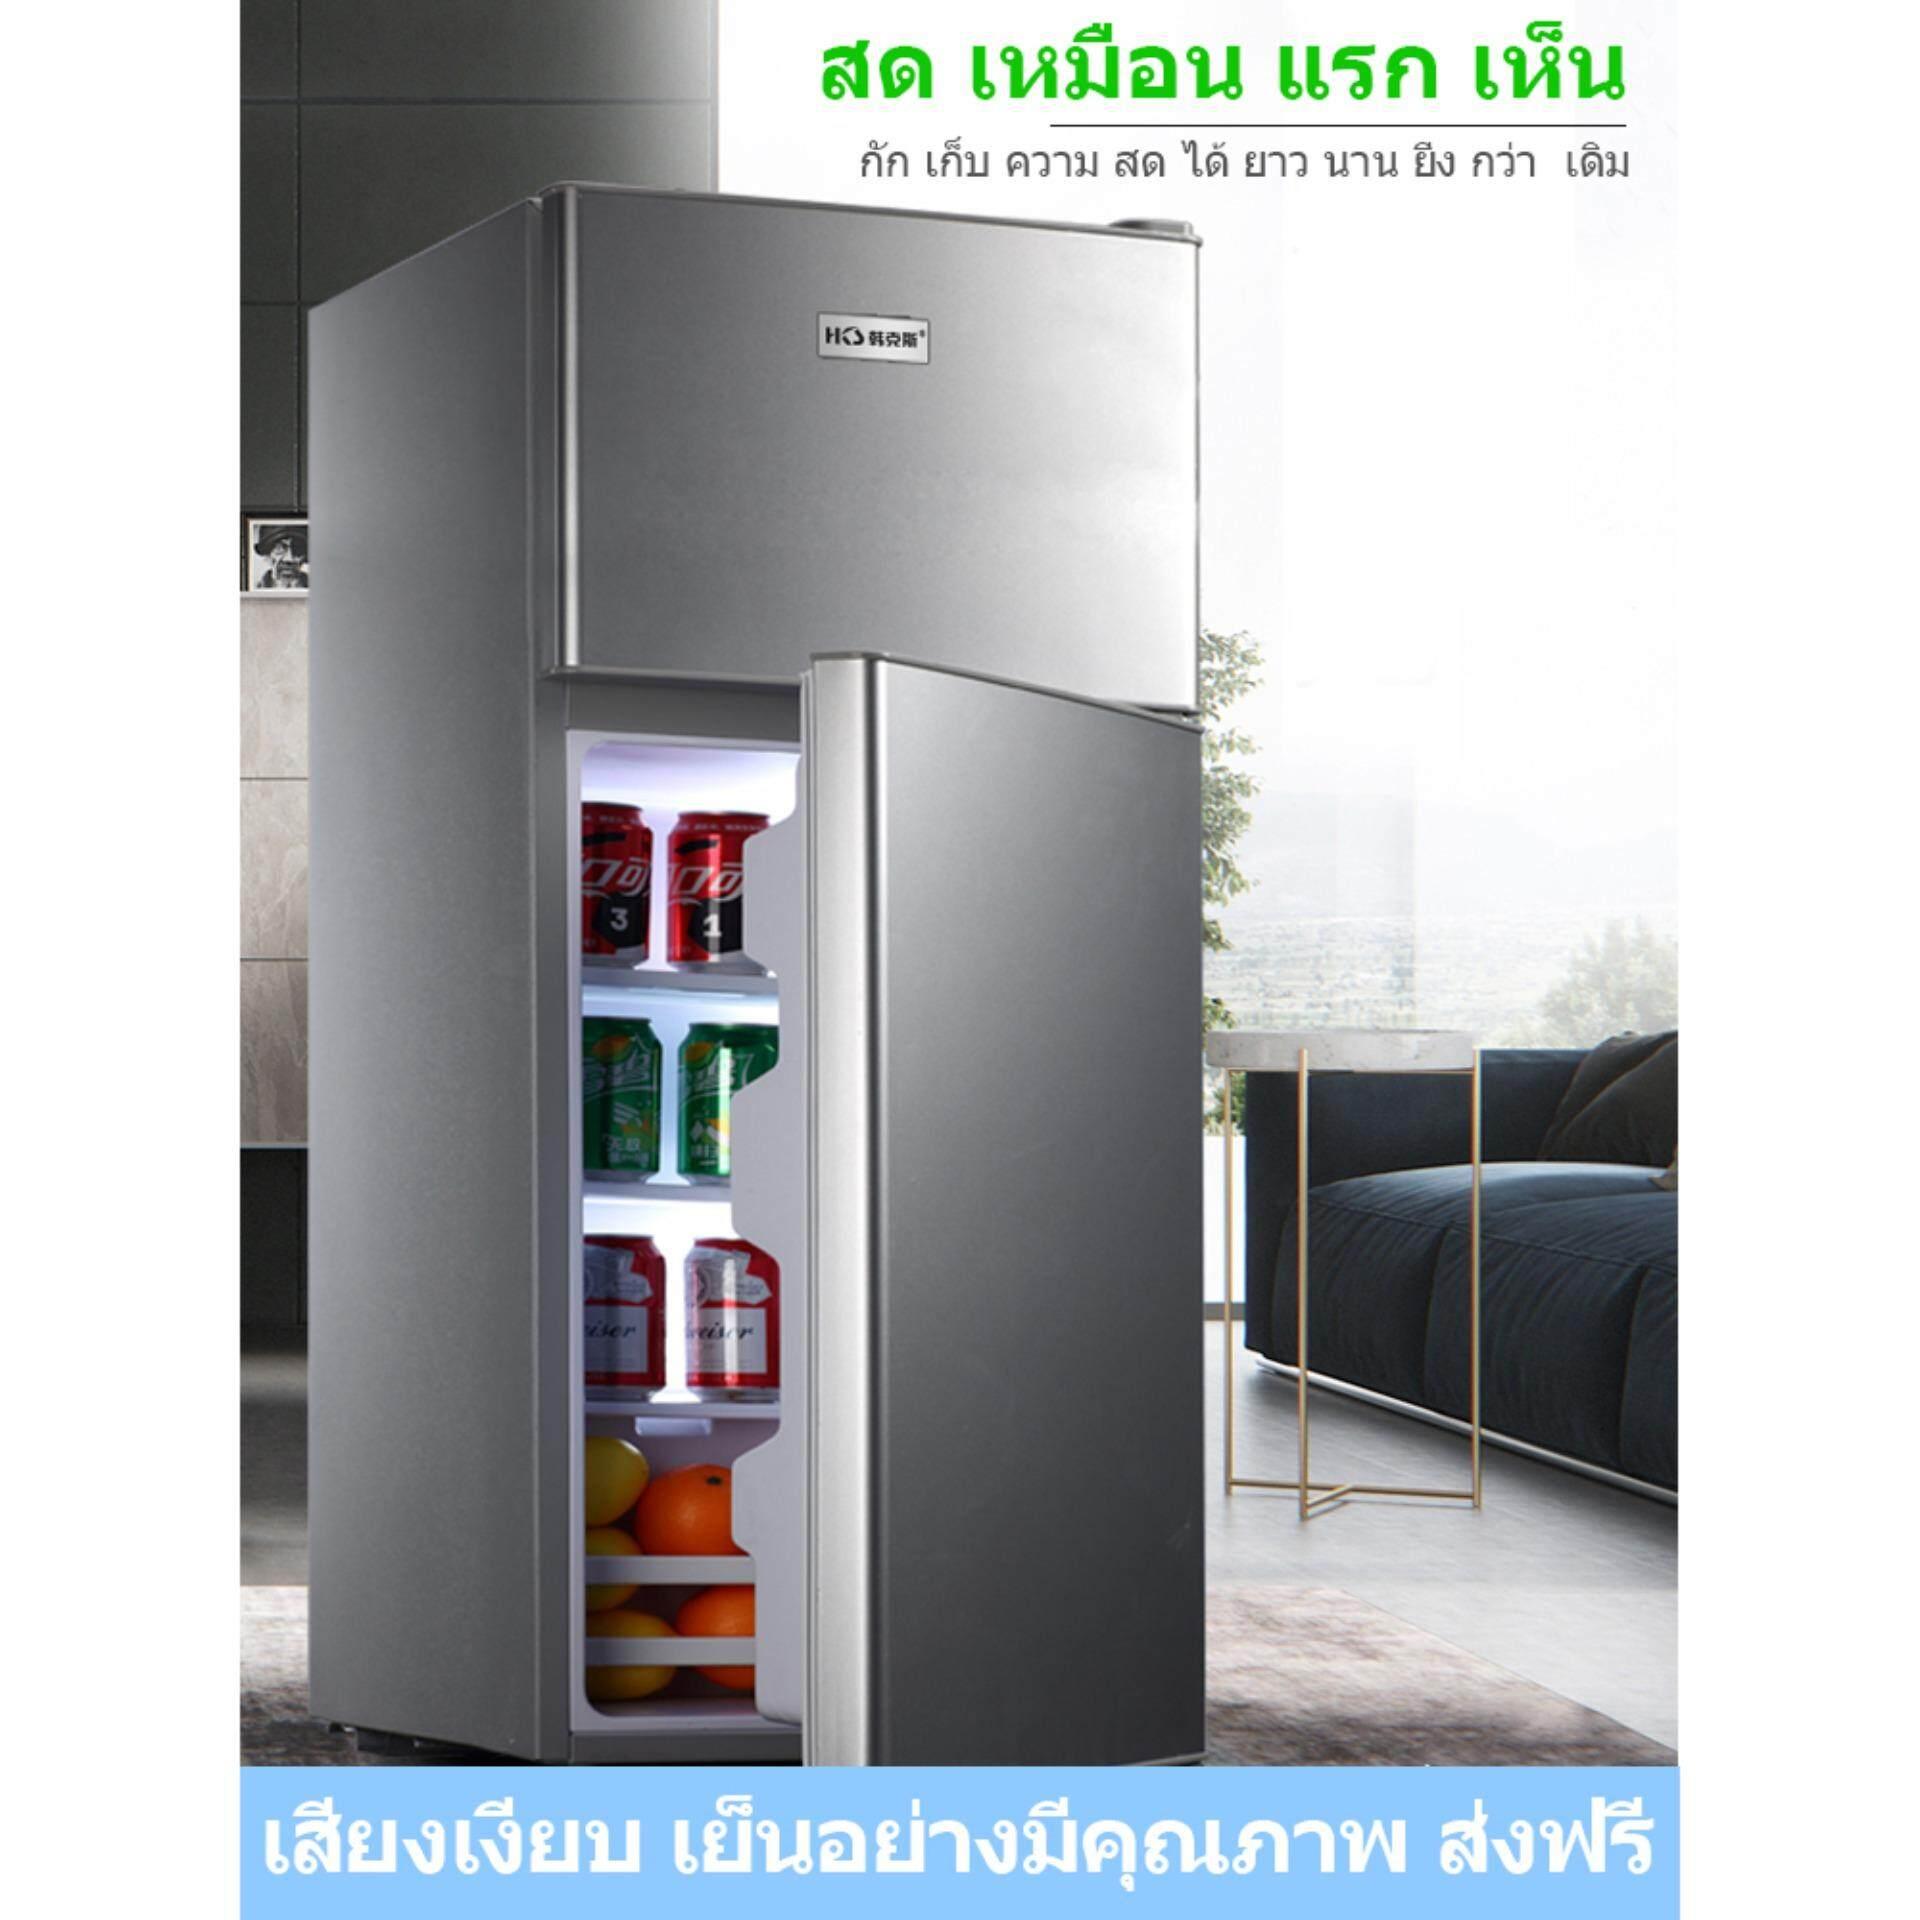 ตู้เย็น 2 ประตู ขนาด 118l ขนาด 4.1q  เย็นเวอร์ Rorisheri สีเงิน.